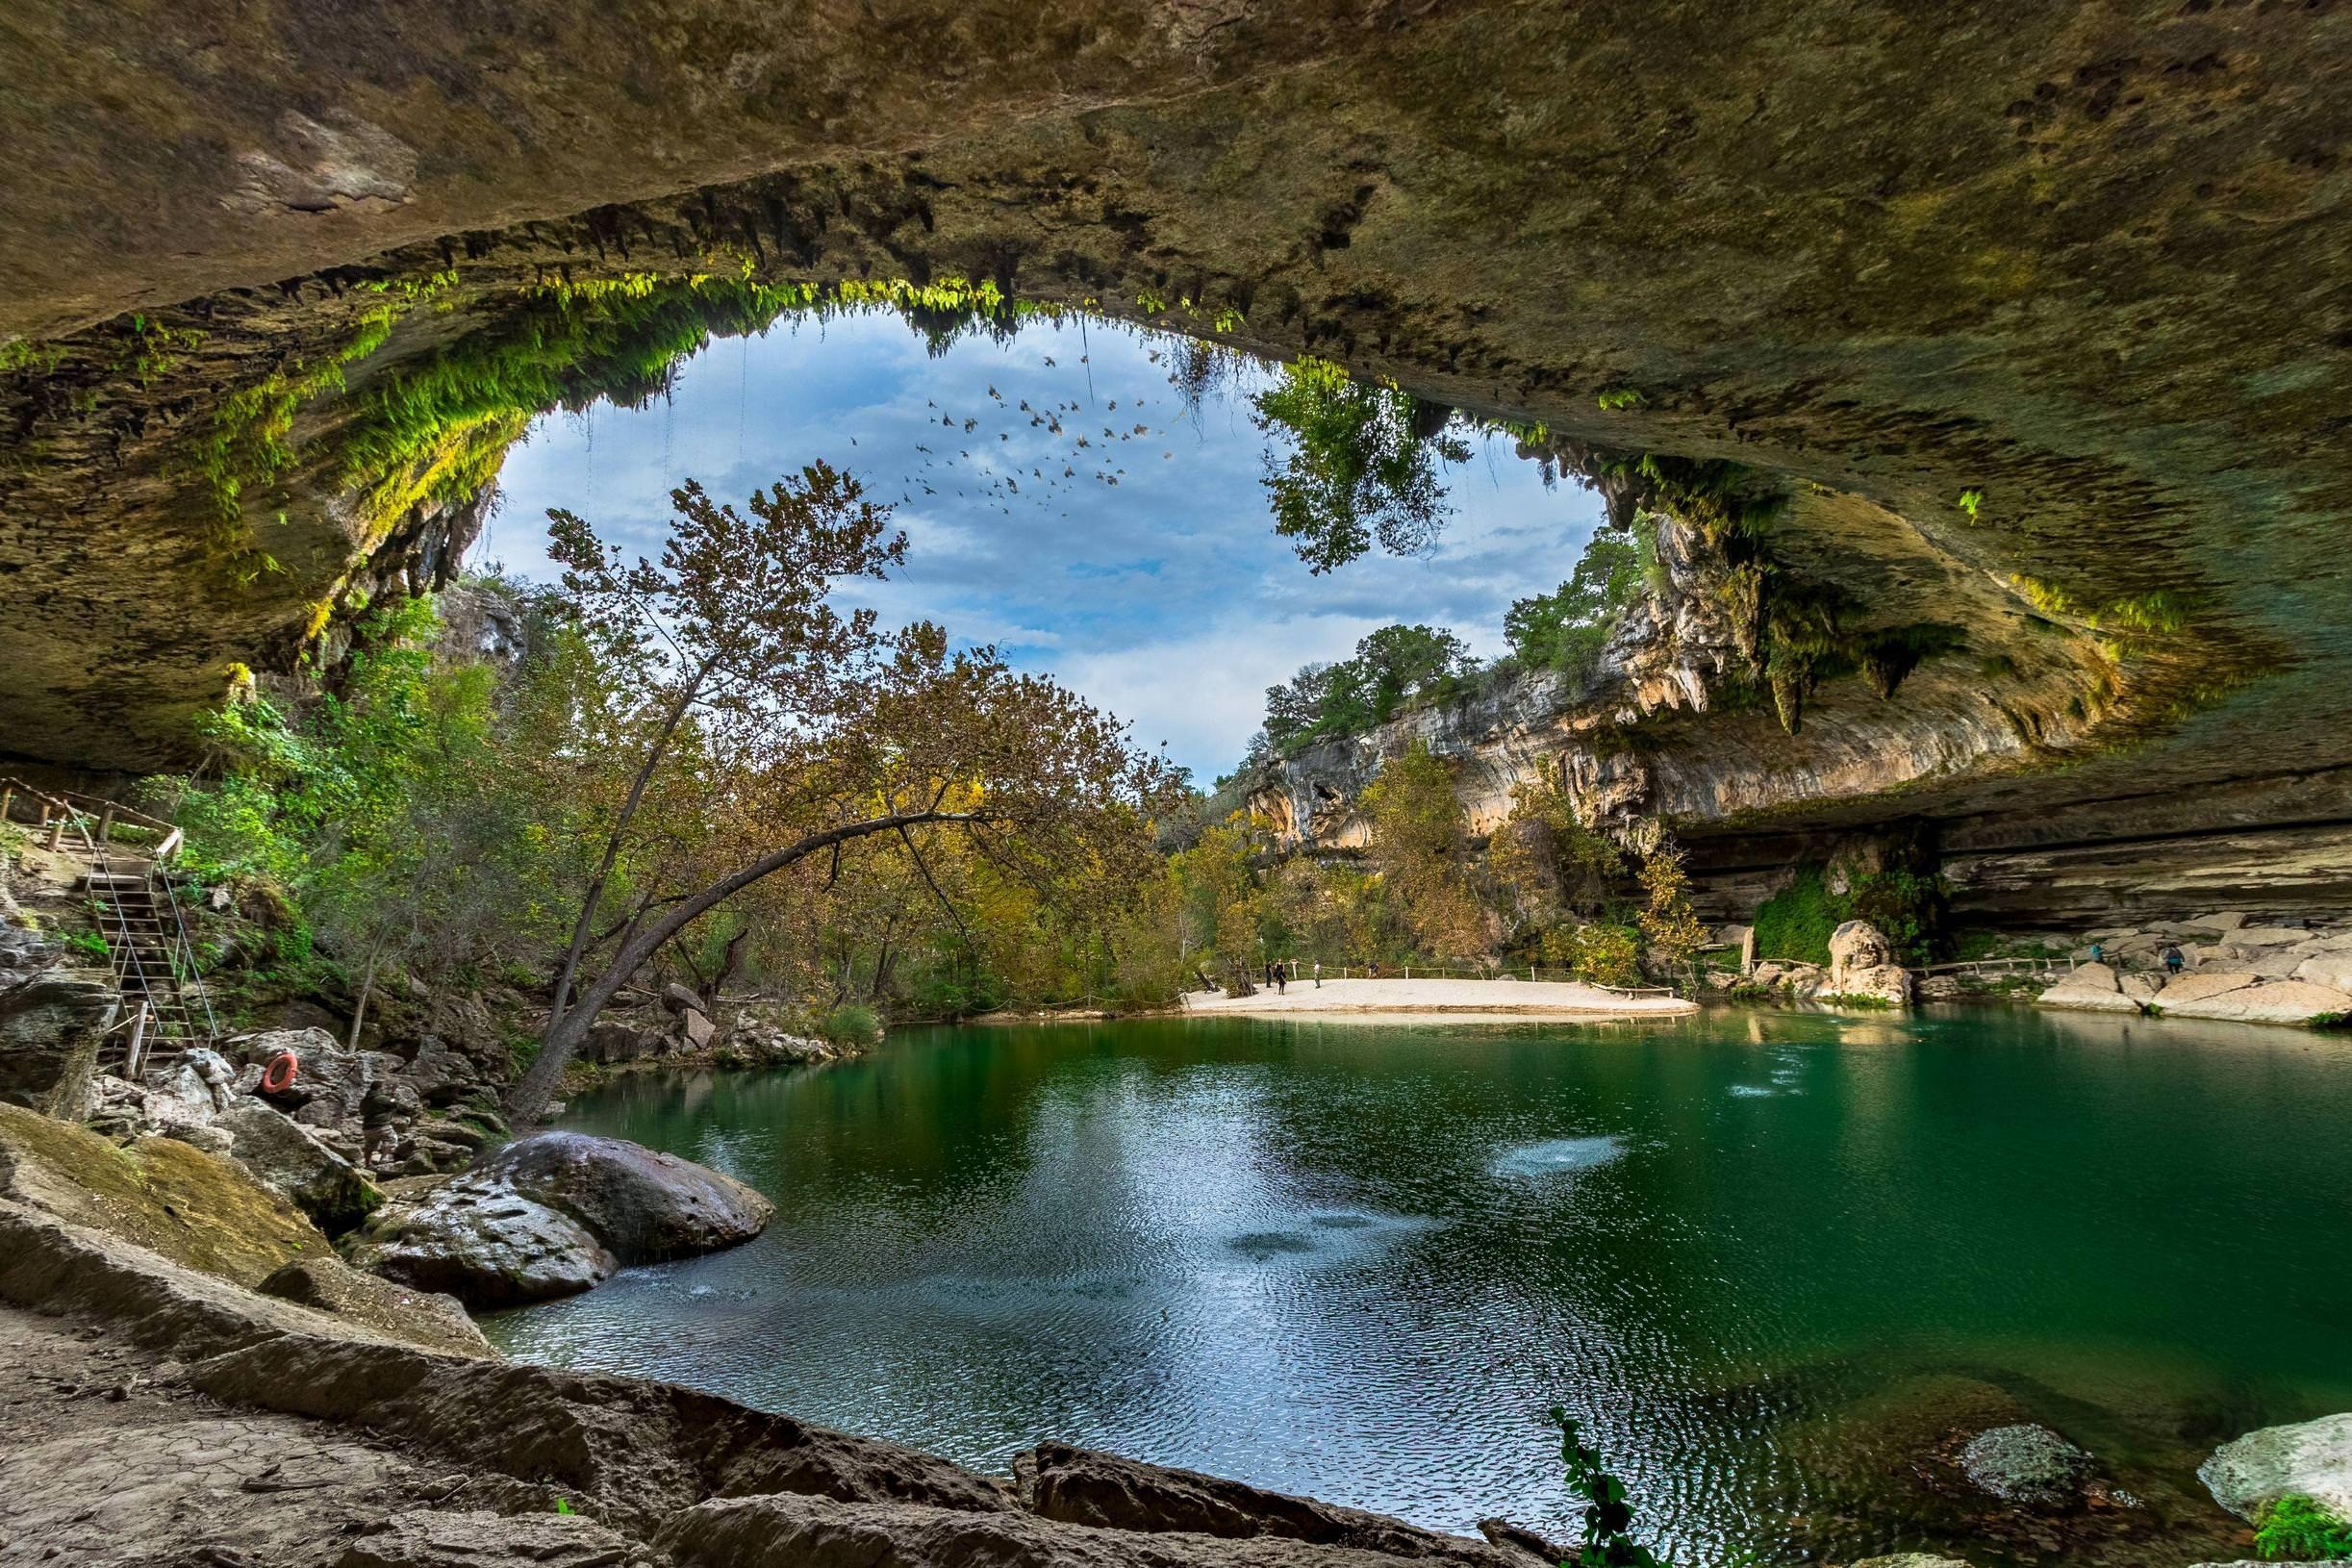 Hamilton Pool near Austin, Texas looks otherworldly [OC